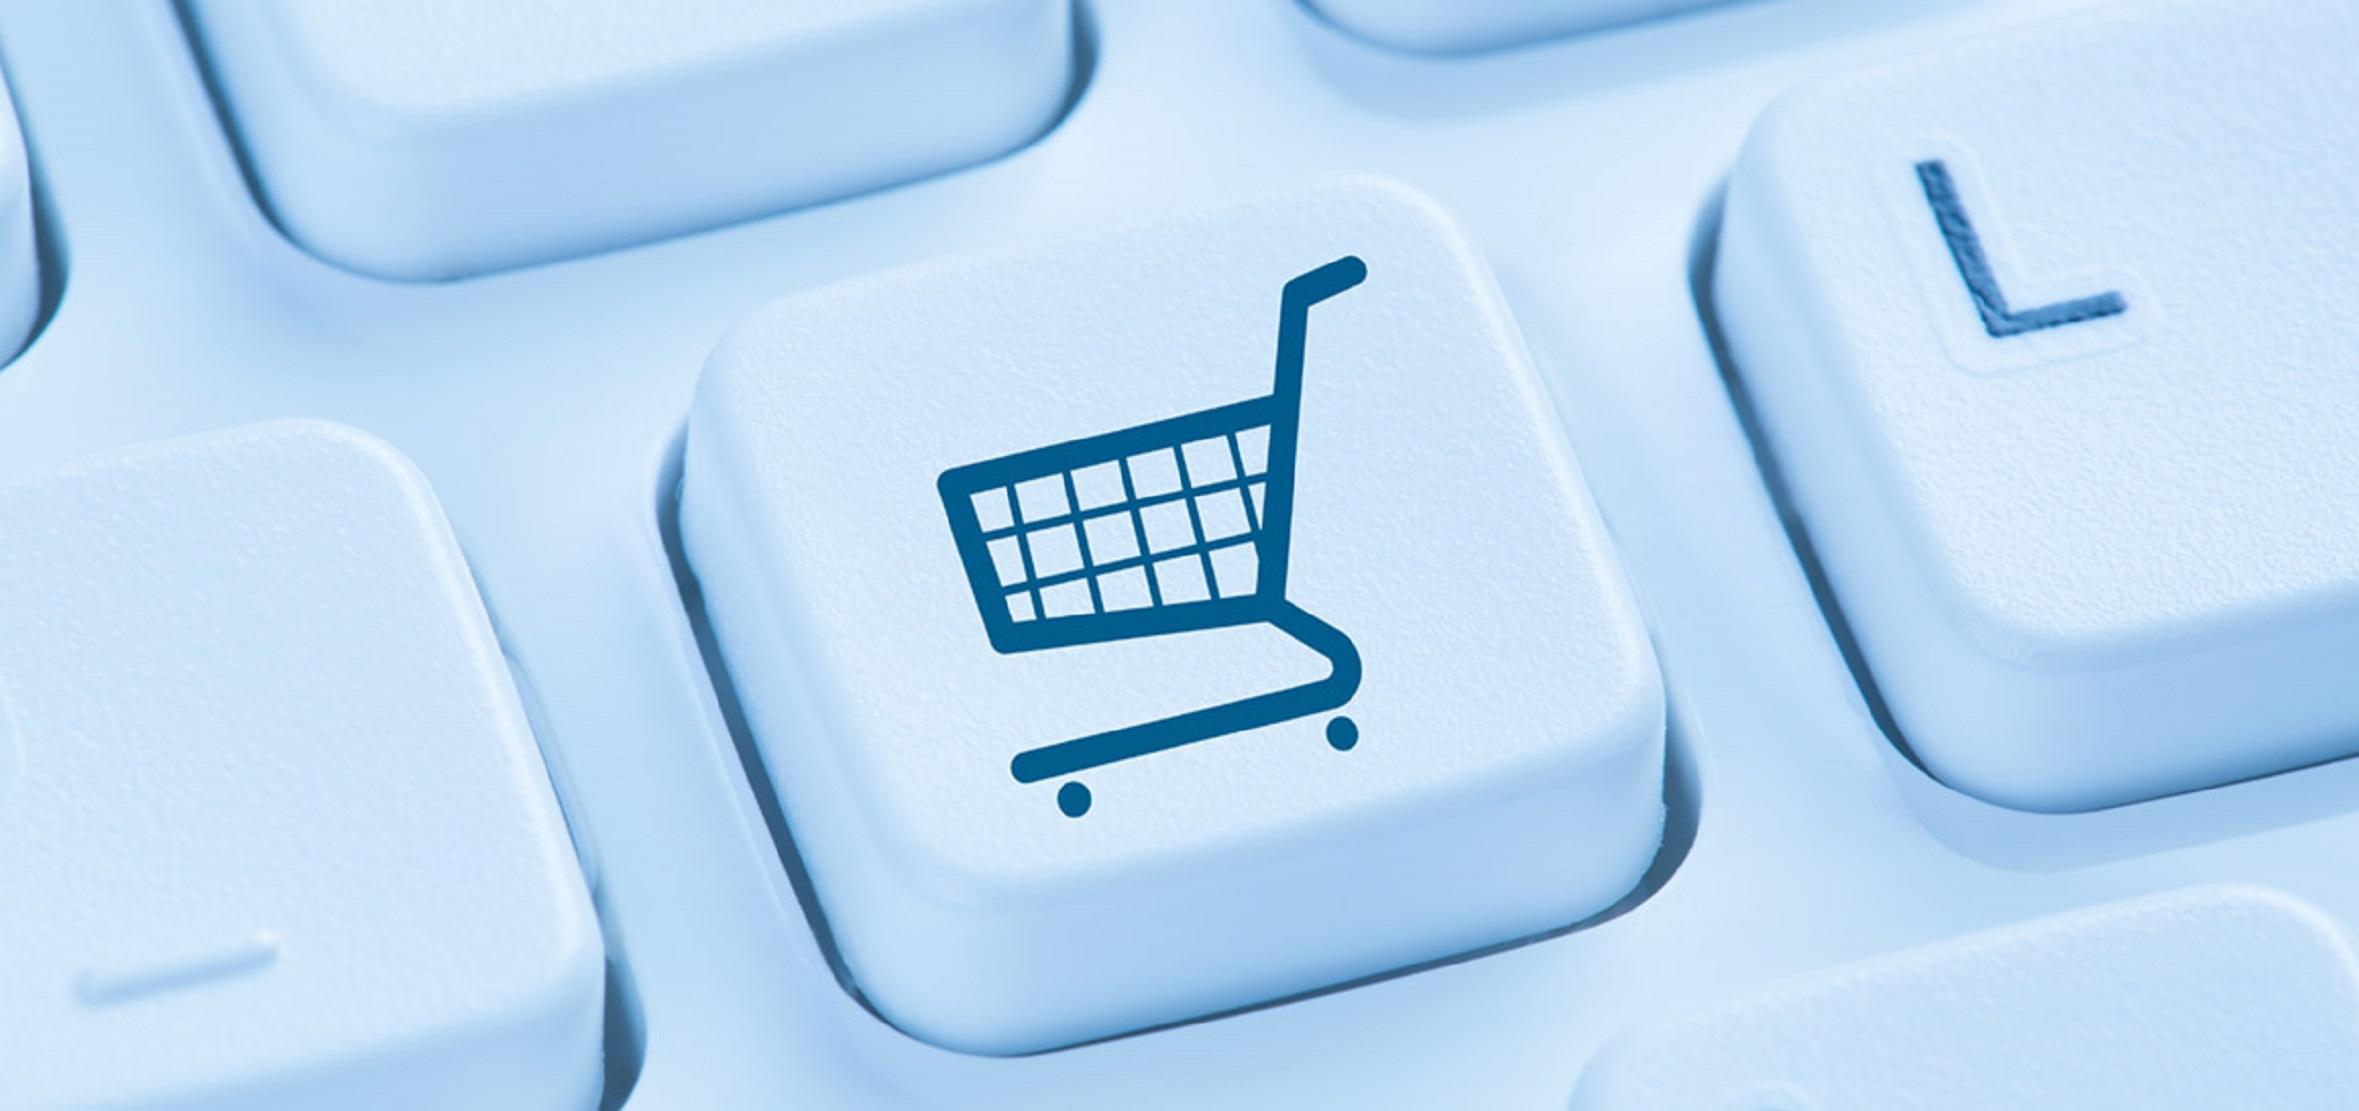 Επιδότηση μέχρι 5.000 ευρώ για e-shop: Έως 24 Μαρτίου οι αιτήσεις – Ποιοι είναι δικαιούχοι